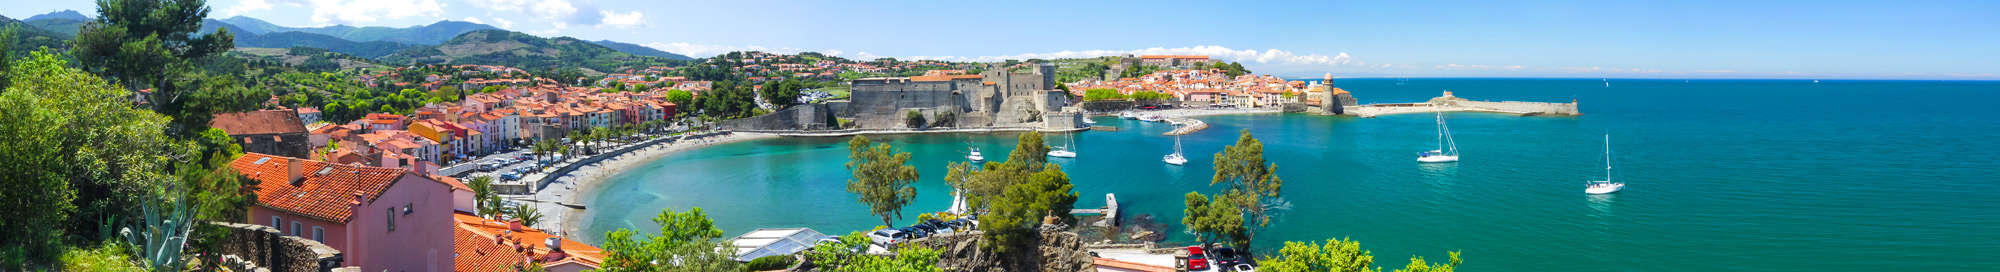 Week-end Sud de la France à Collioure